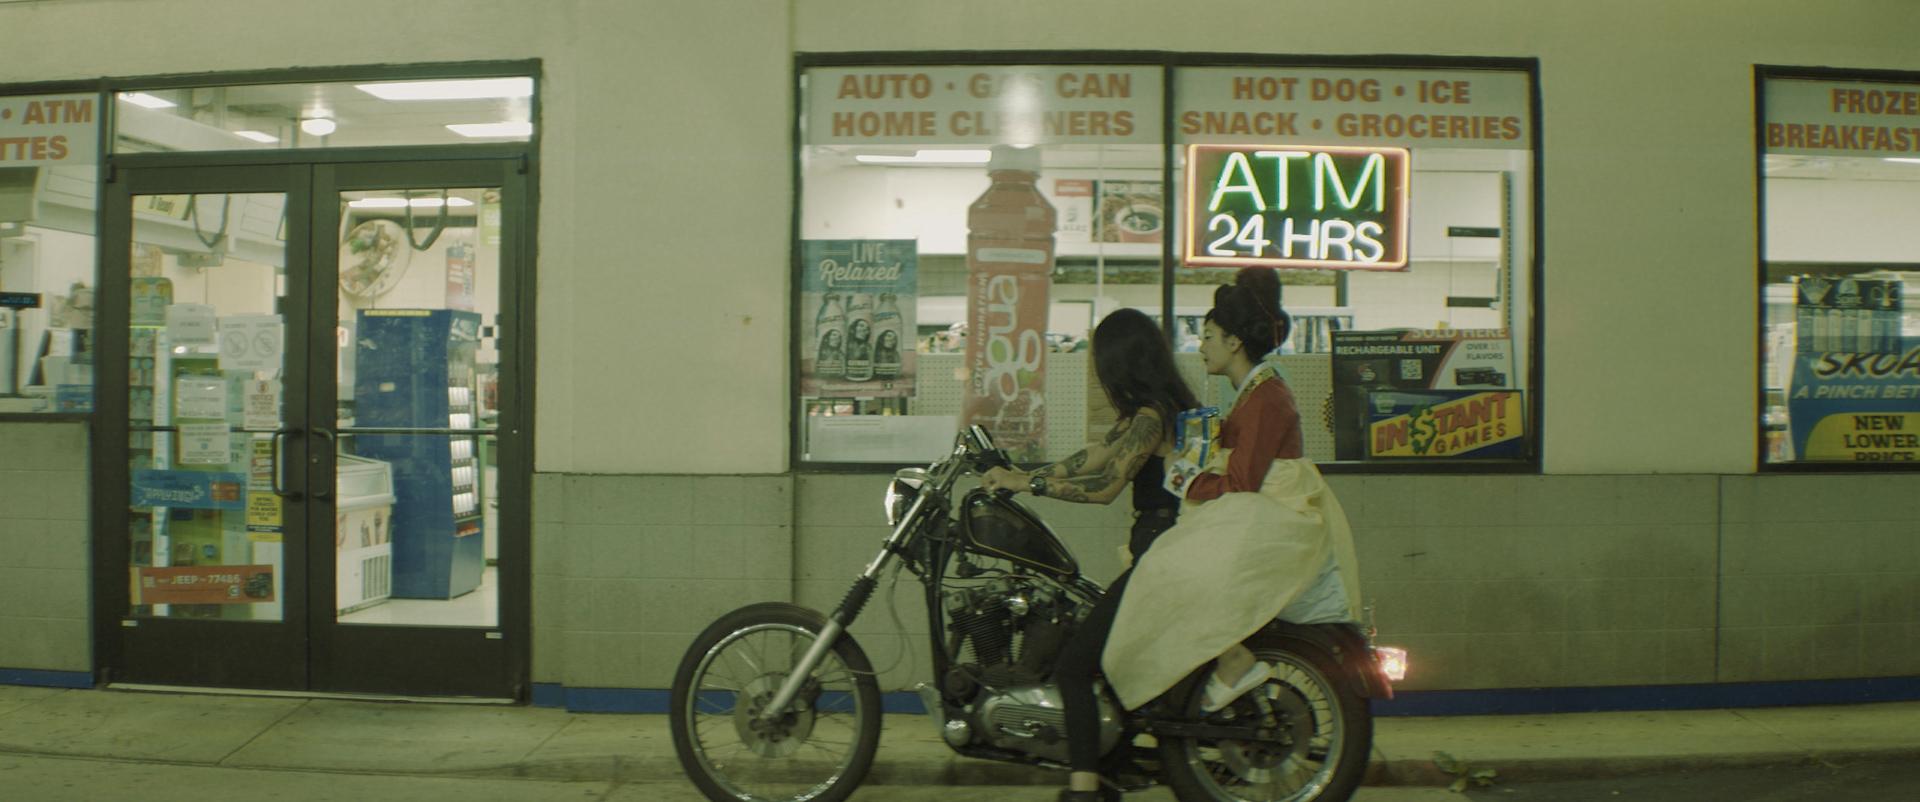 EWTLY_Bike1.jpg